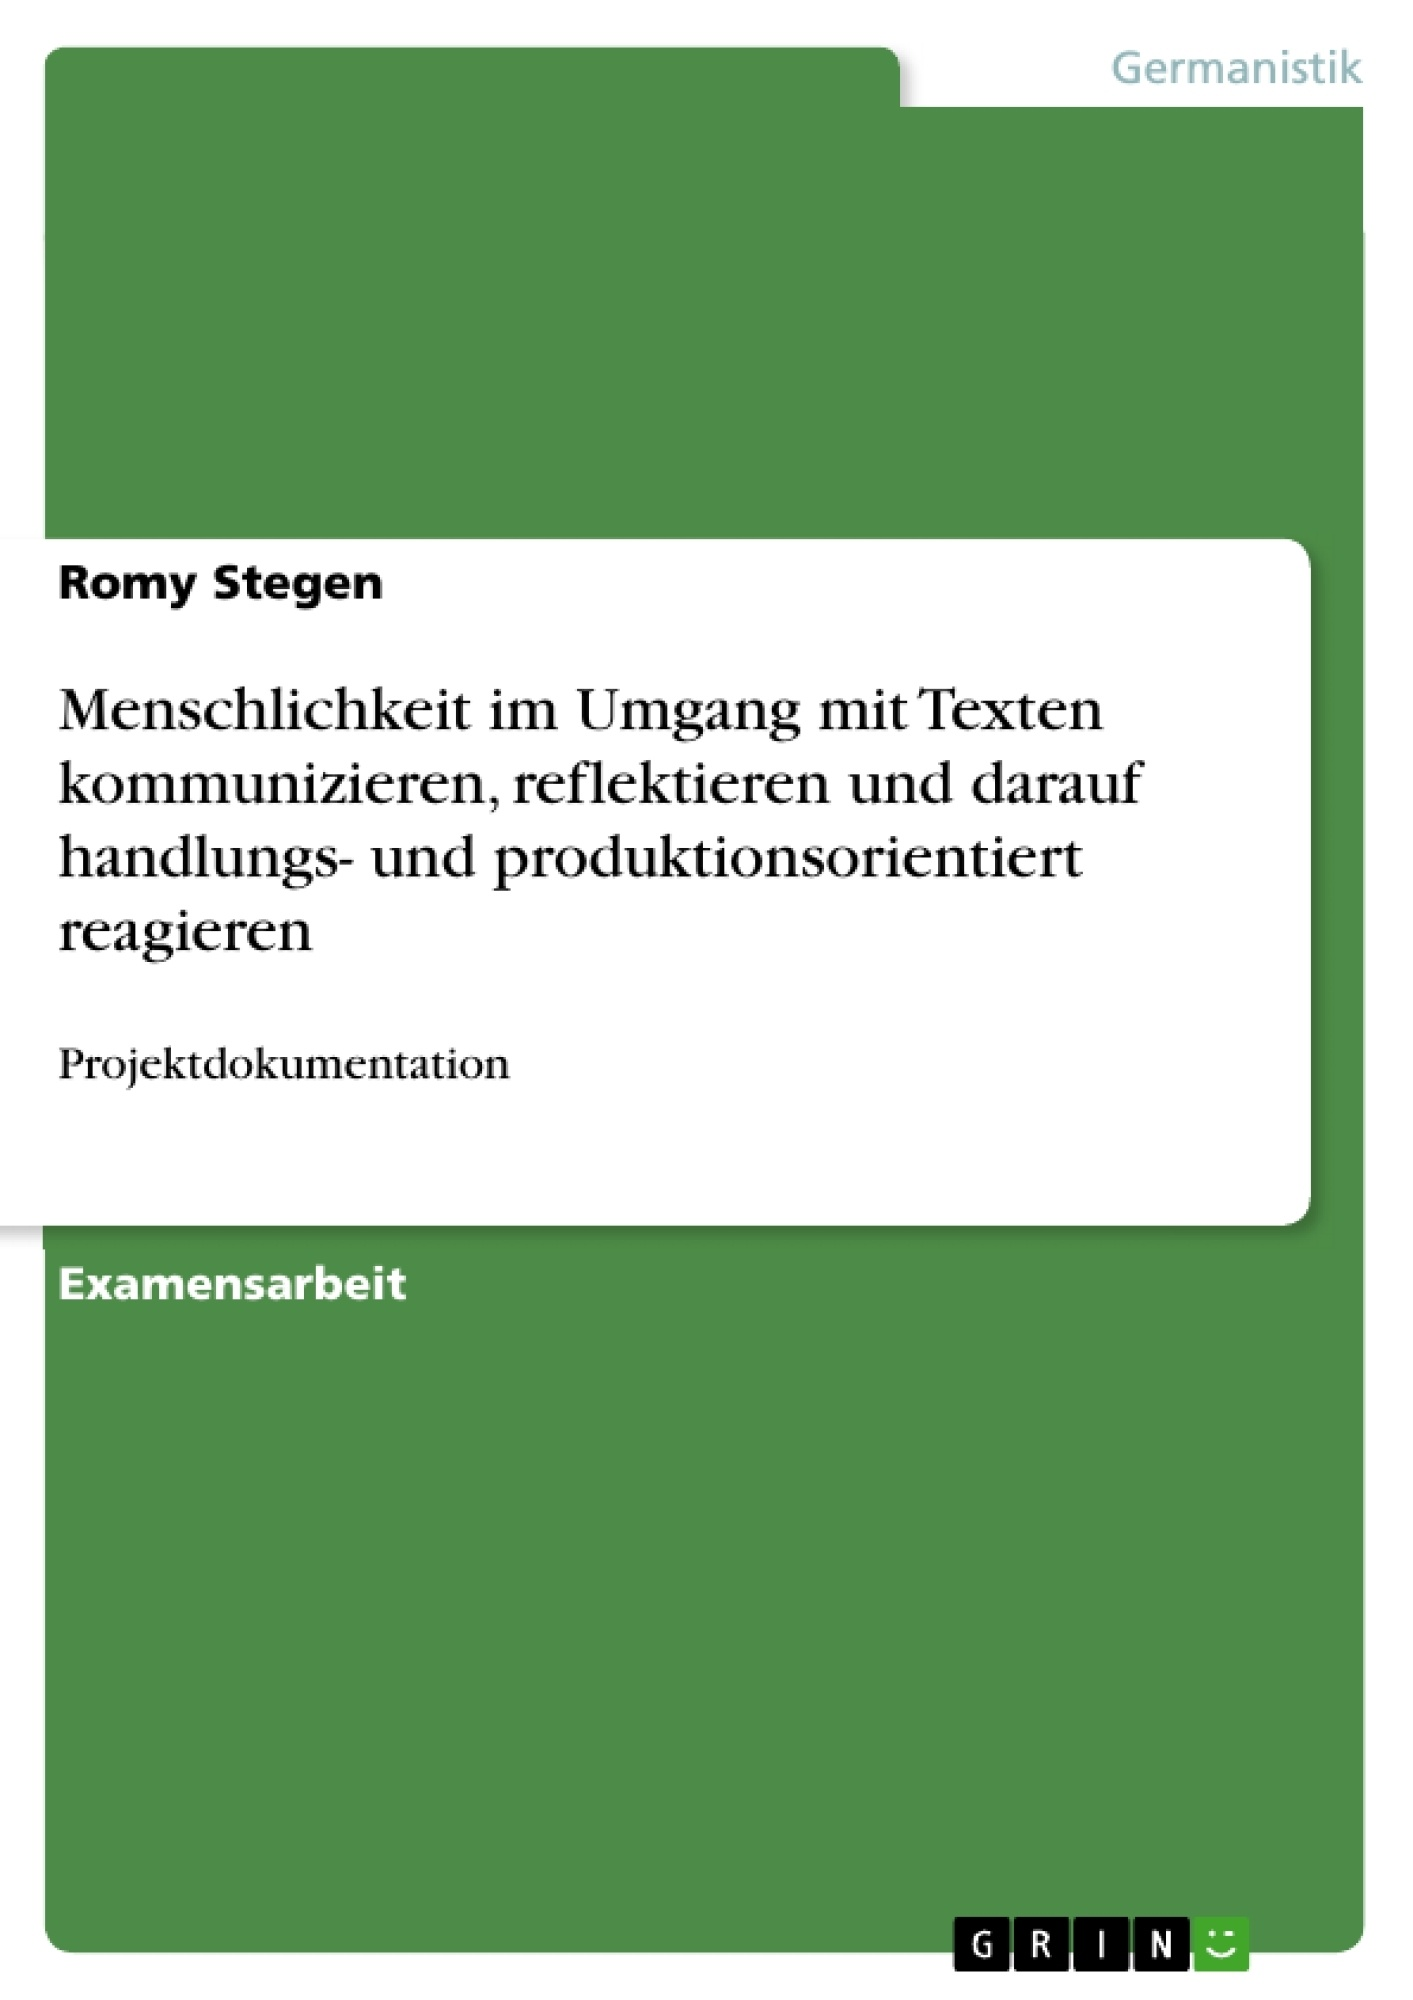 Titel: Menschlichkeit im Umgang mit Texten kommunizieren, reflektieren und darauf handlungs- und produktionsorientiert reagieren